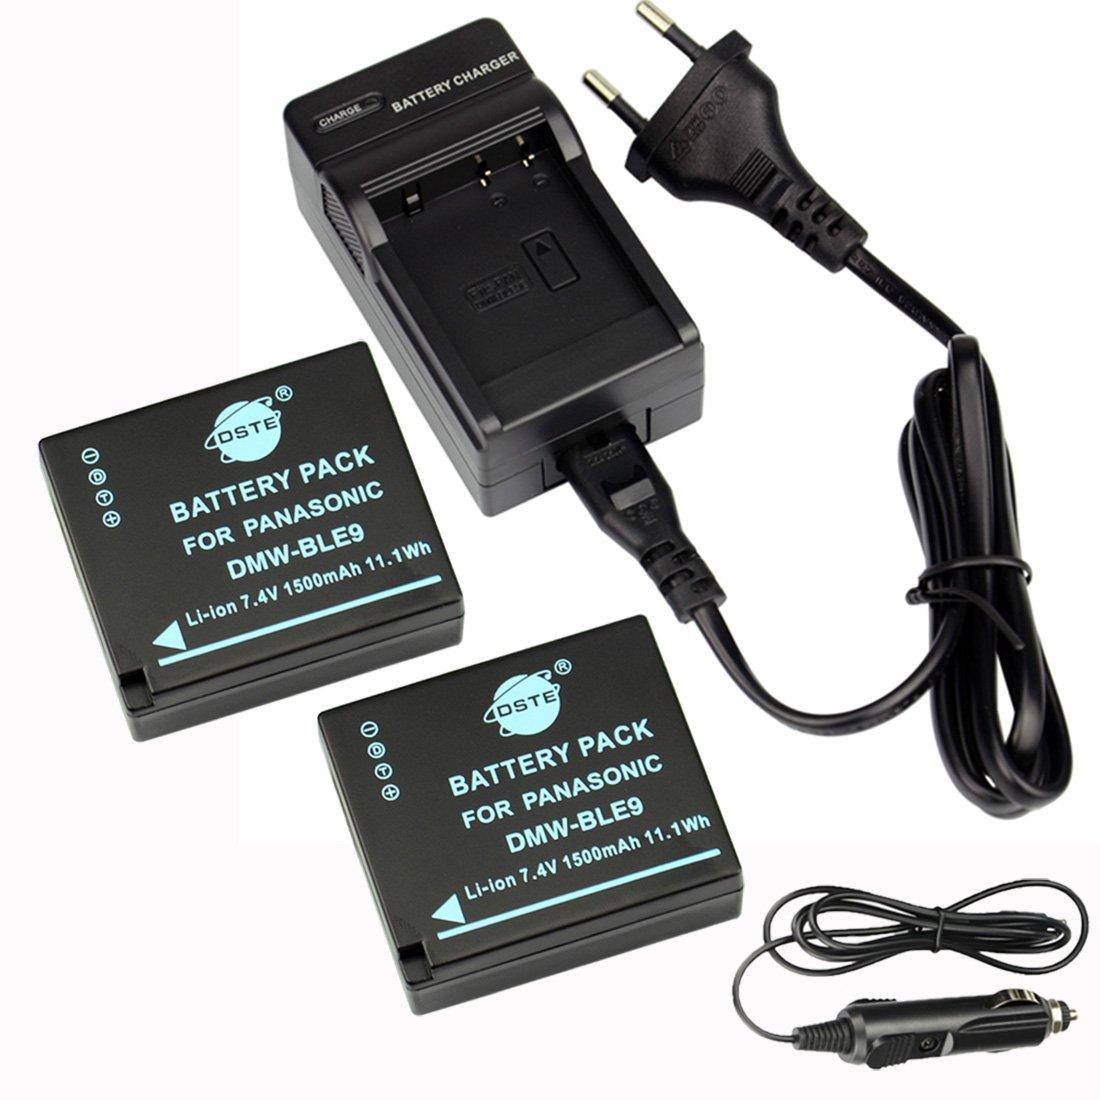 DSTE 2-Pieza Repuesto Bater/ía y DC120E Viaje Cargador kit para Pancomoonic DMW-BLE9 Lumix DMC-GF3 DMC-GF3GK DMC-GF5 DMC-GF6 DMC-GX7 DMC-LX100 como DMW-BLE9E DMW-BLE9PP DMW-BLG10